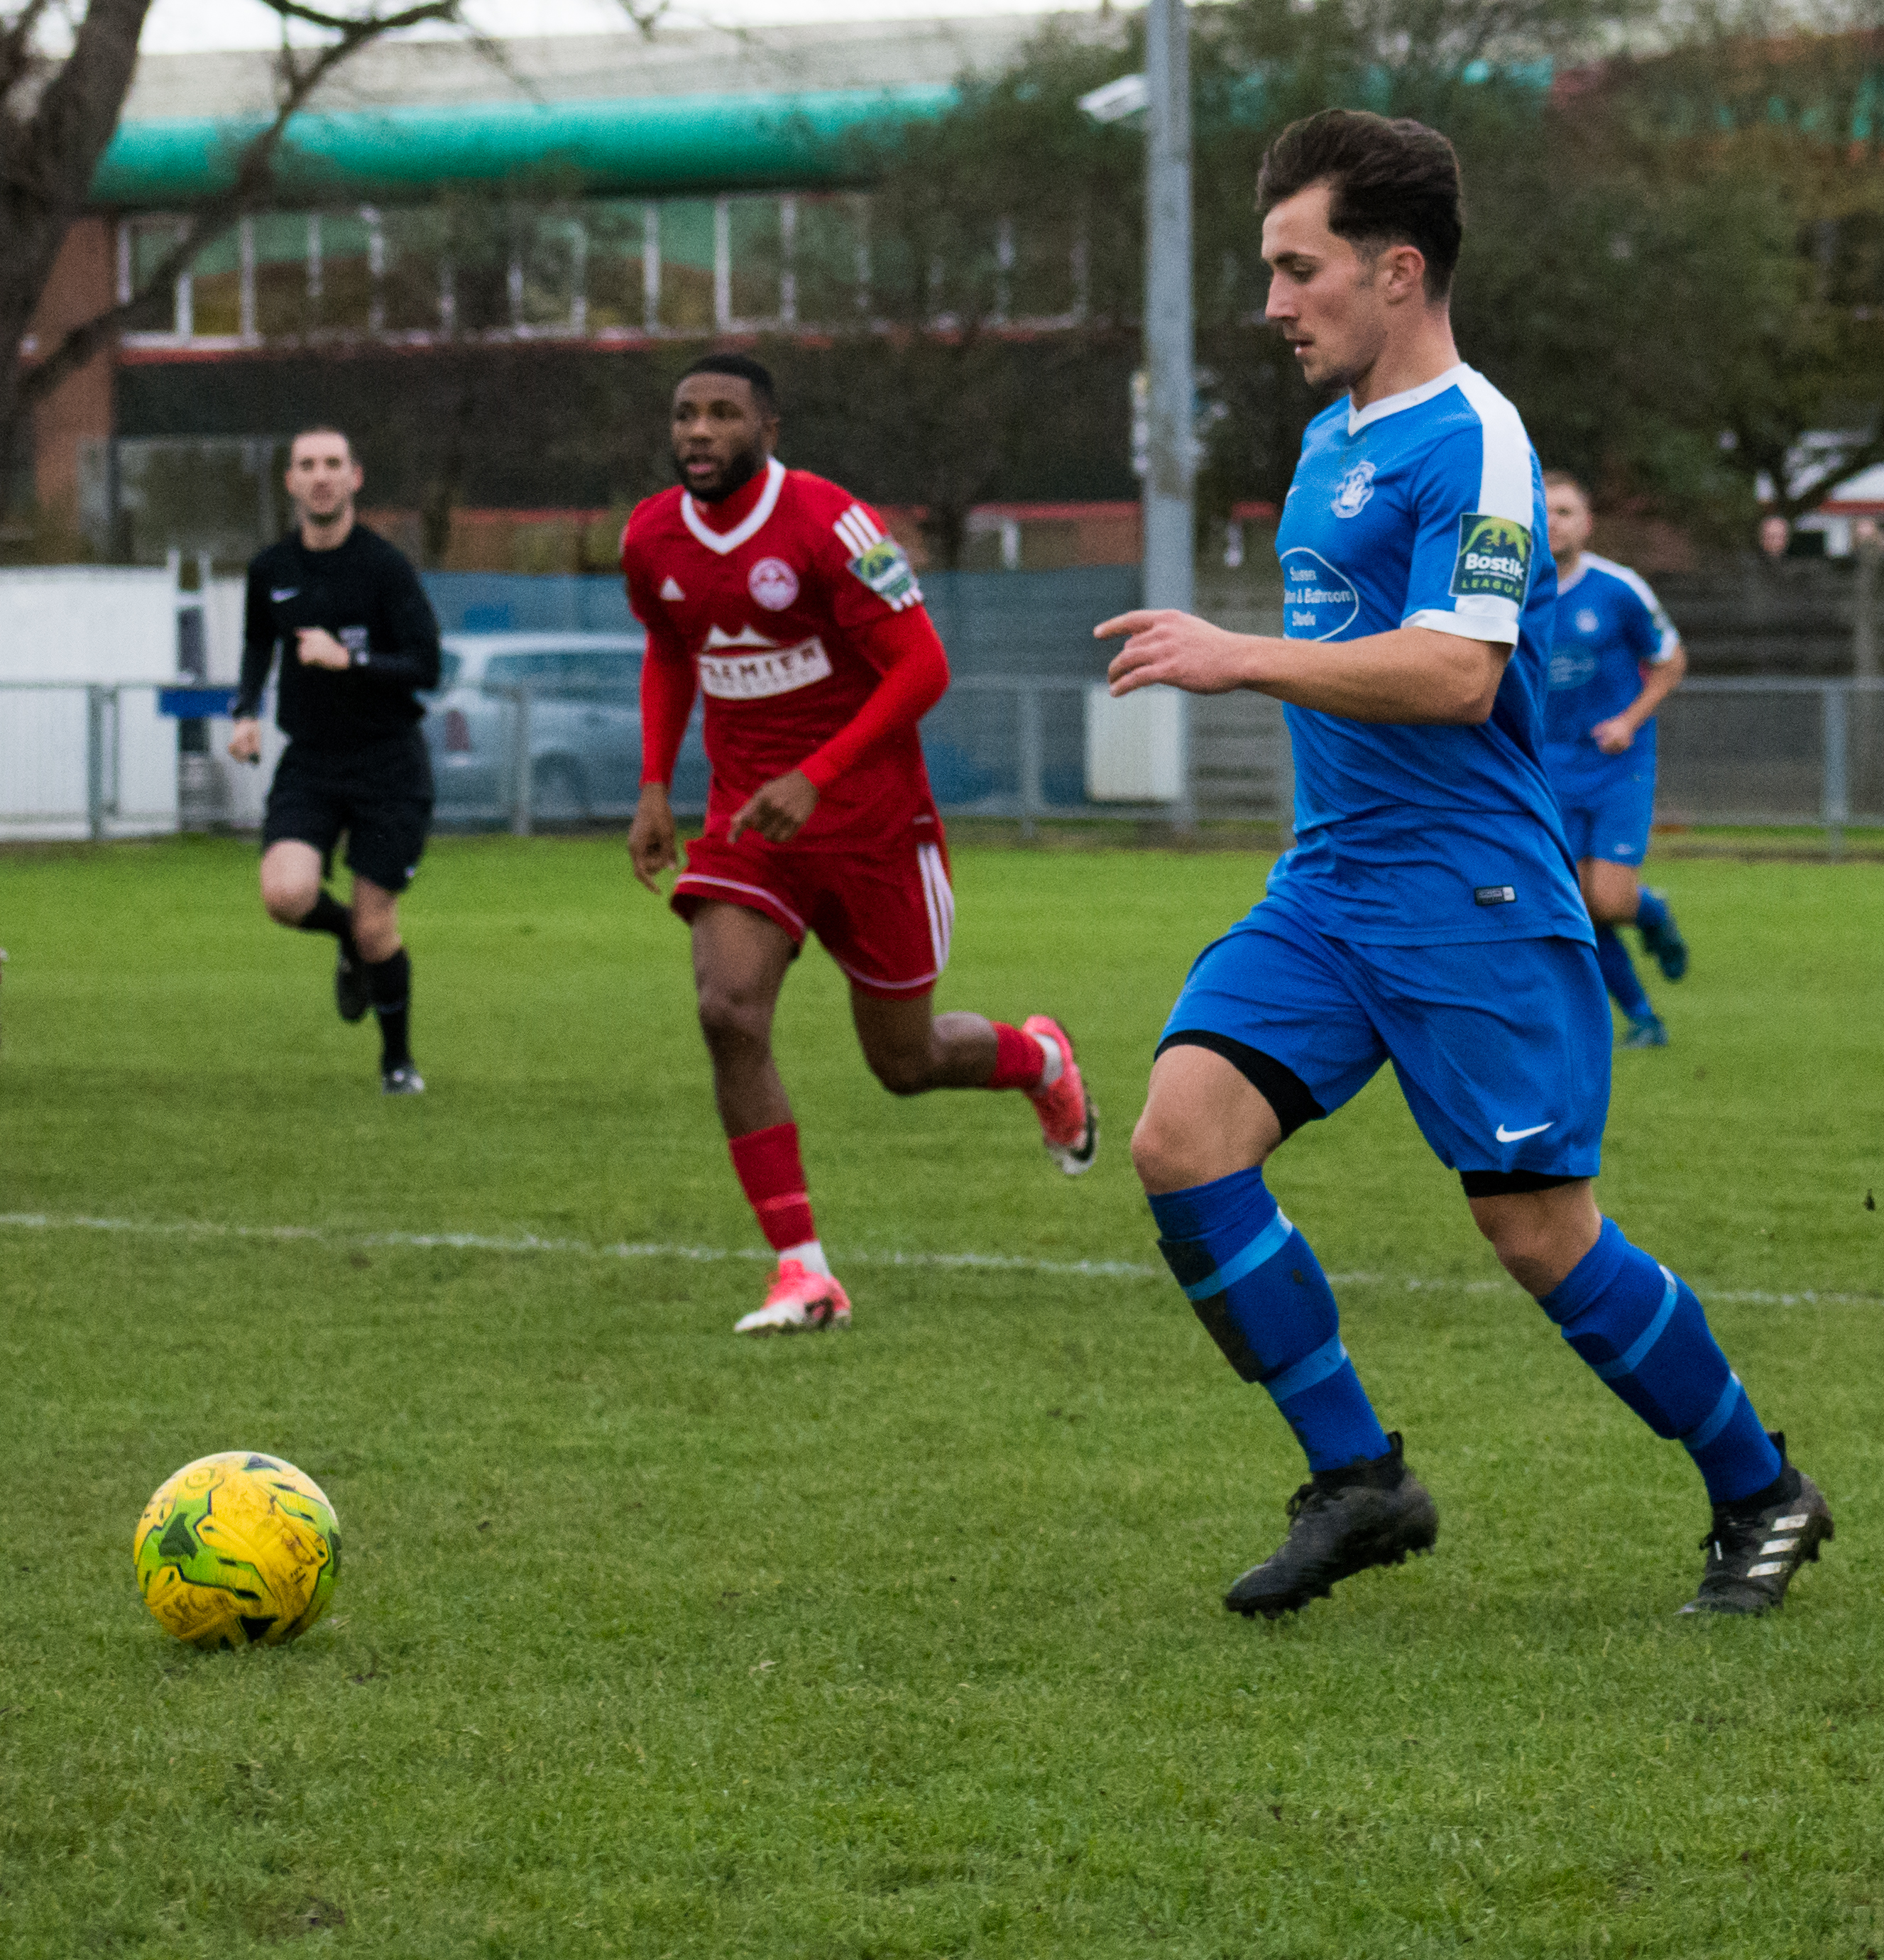 Shoreham FC vs Hythe Town 11.11.17 46